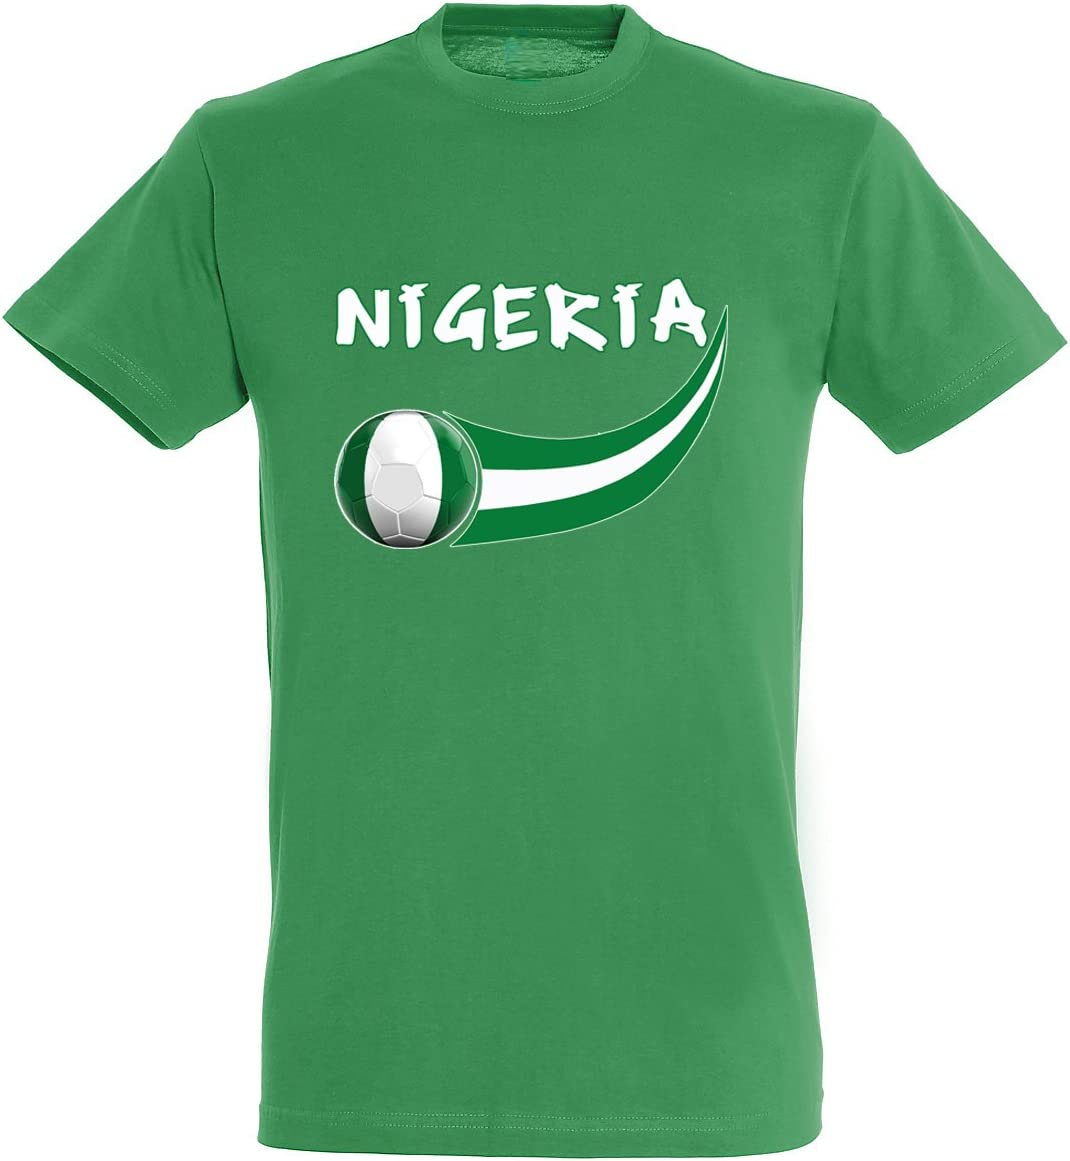 Supportershop – 8 Camiseta Nigeria niño 8 para niño, Verde, FR: L ...